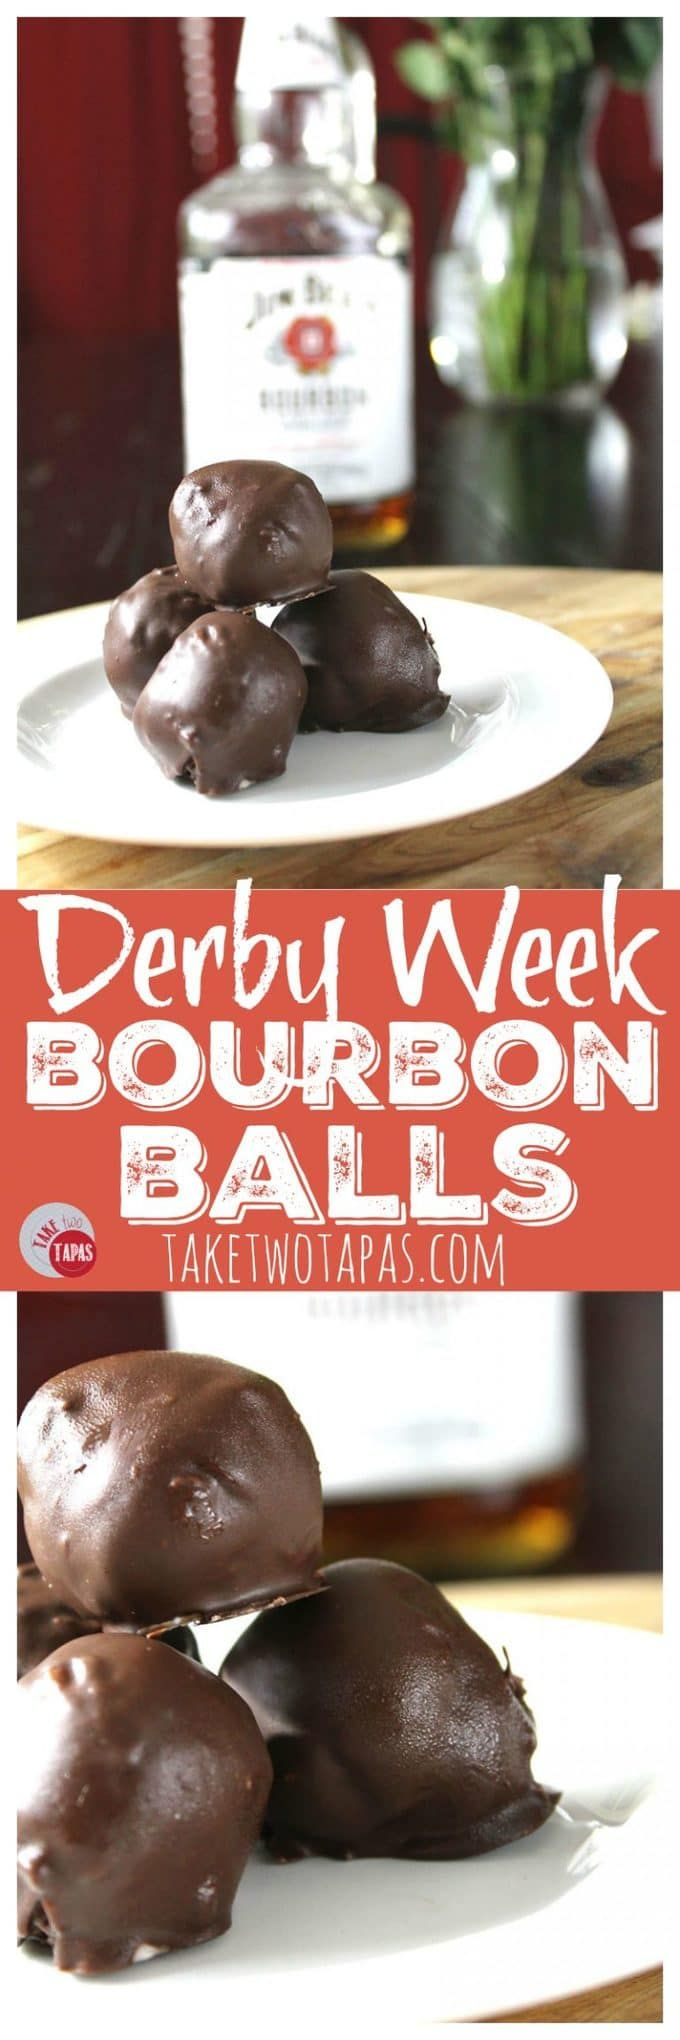 Derby Week Bourbon Balls | Take Two Tapas